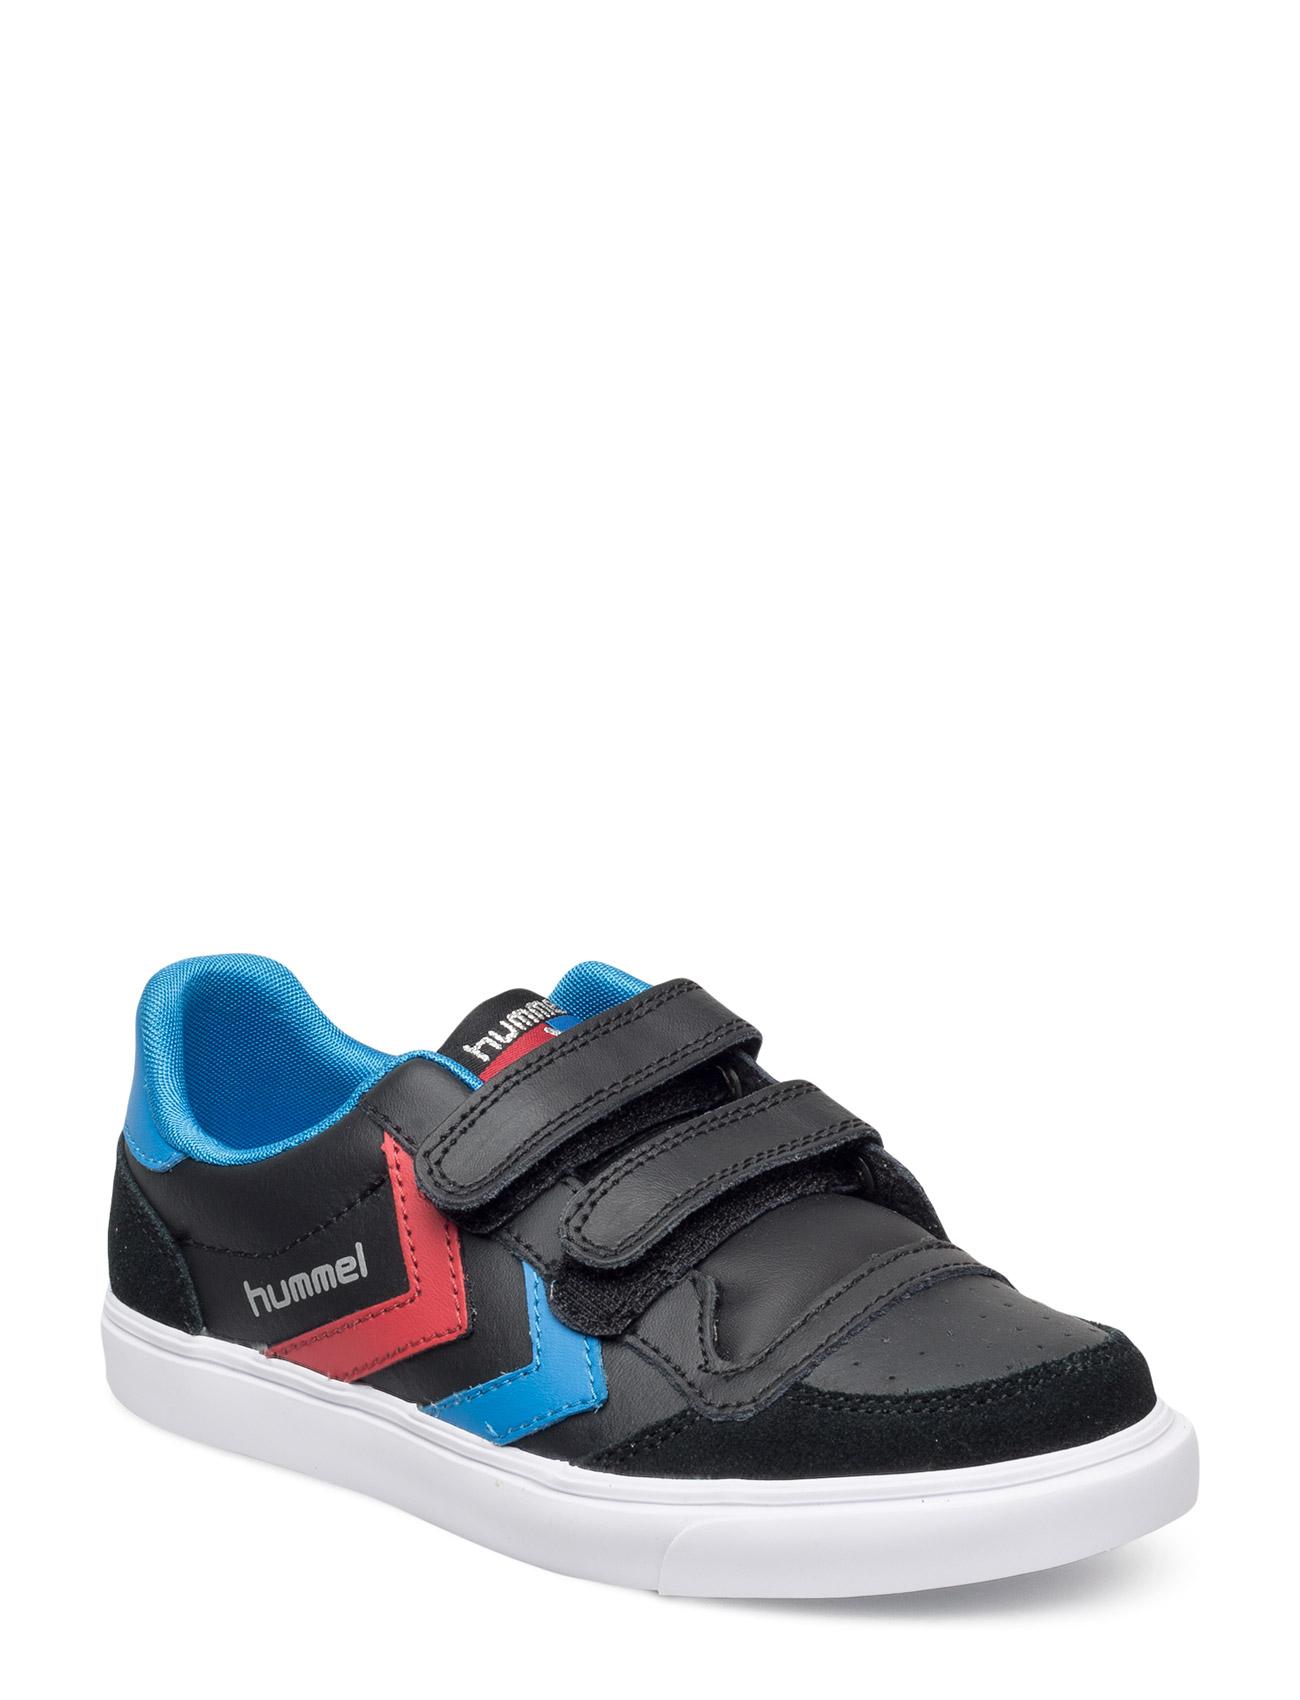 Hummel Stadil Jr Leather Low Hummel Sko & Sneakers til Børn i hvid